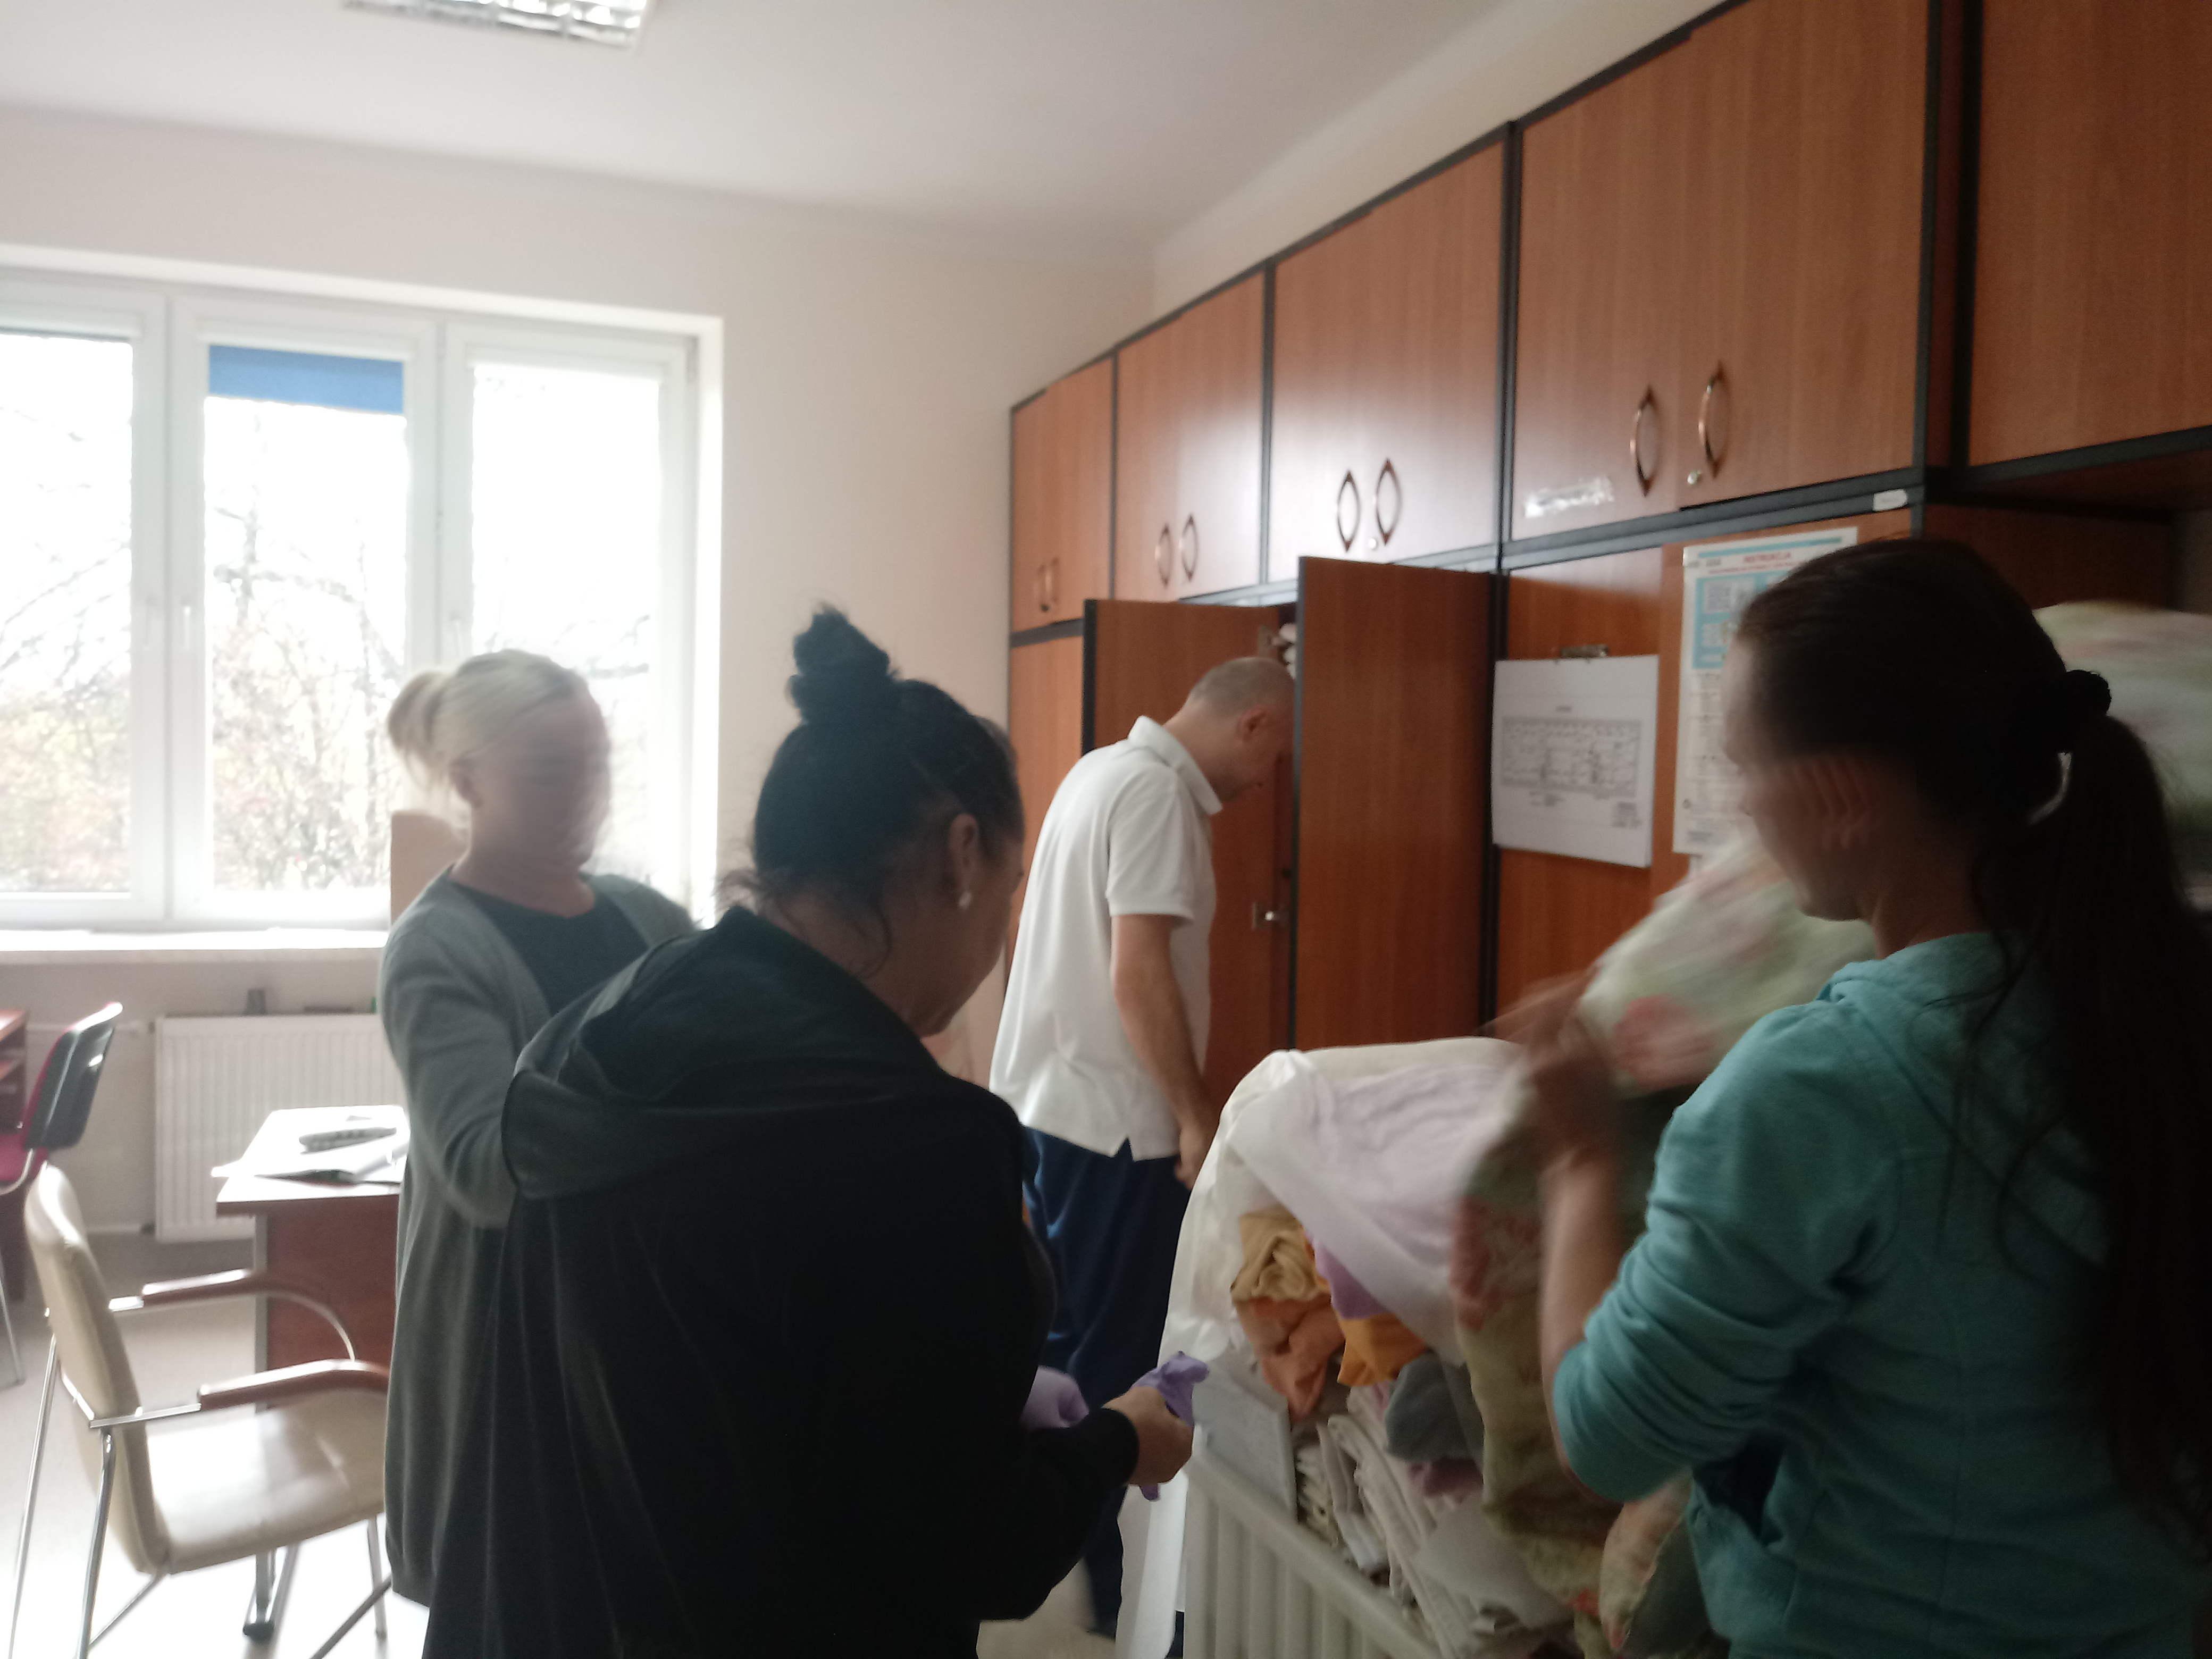 kurs na opiekunkę osób starszych i przewlekle chorych